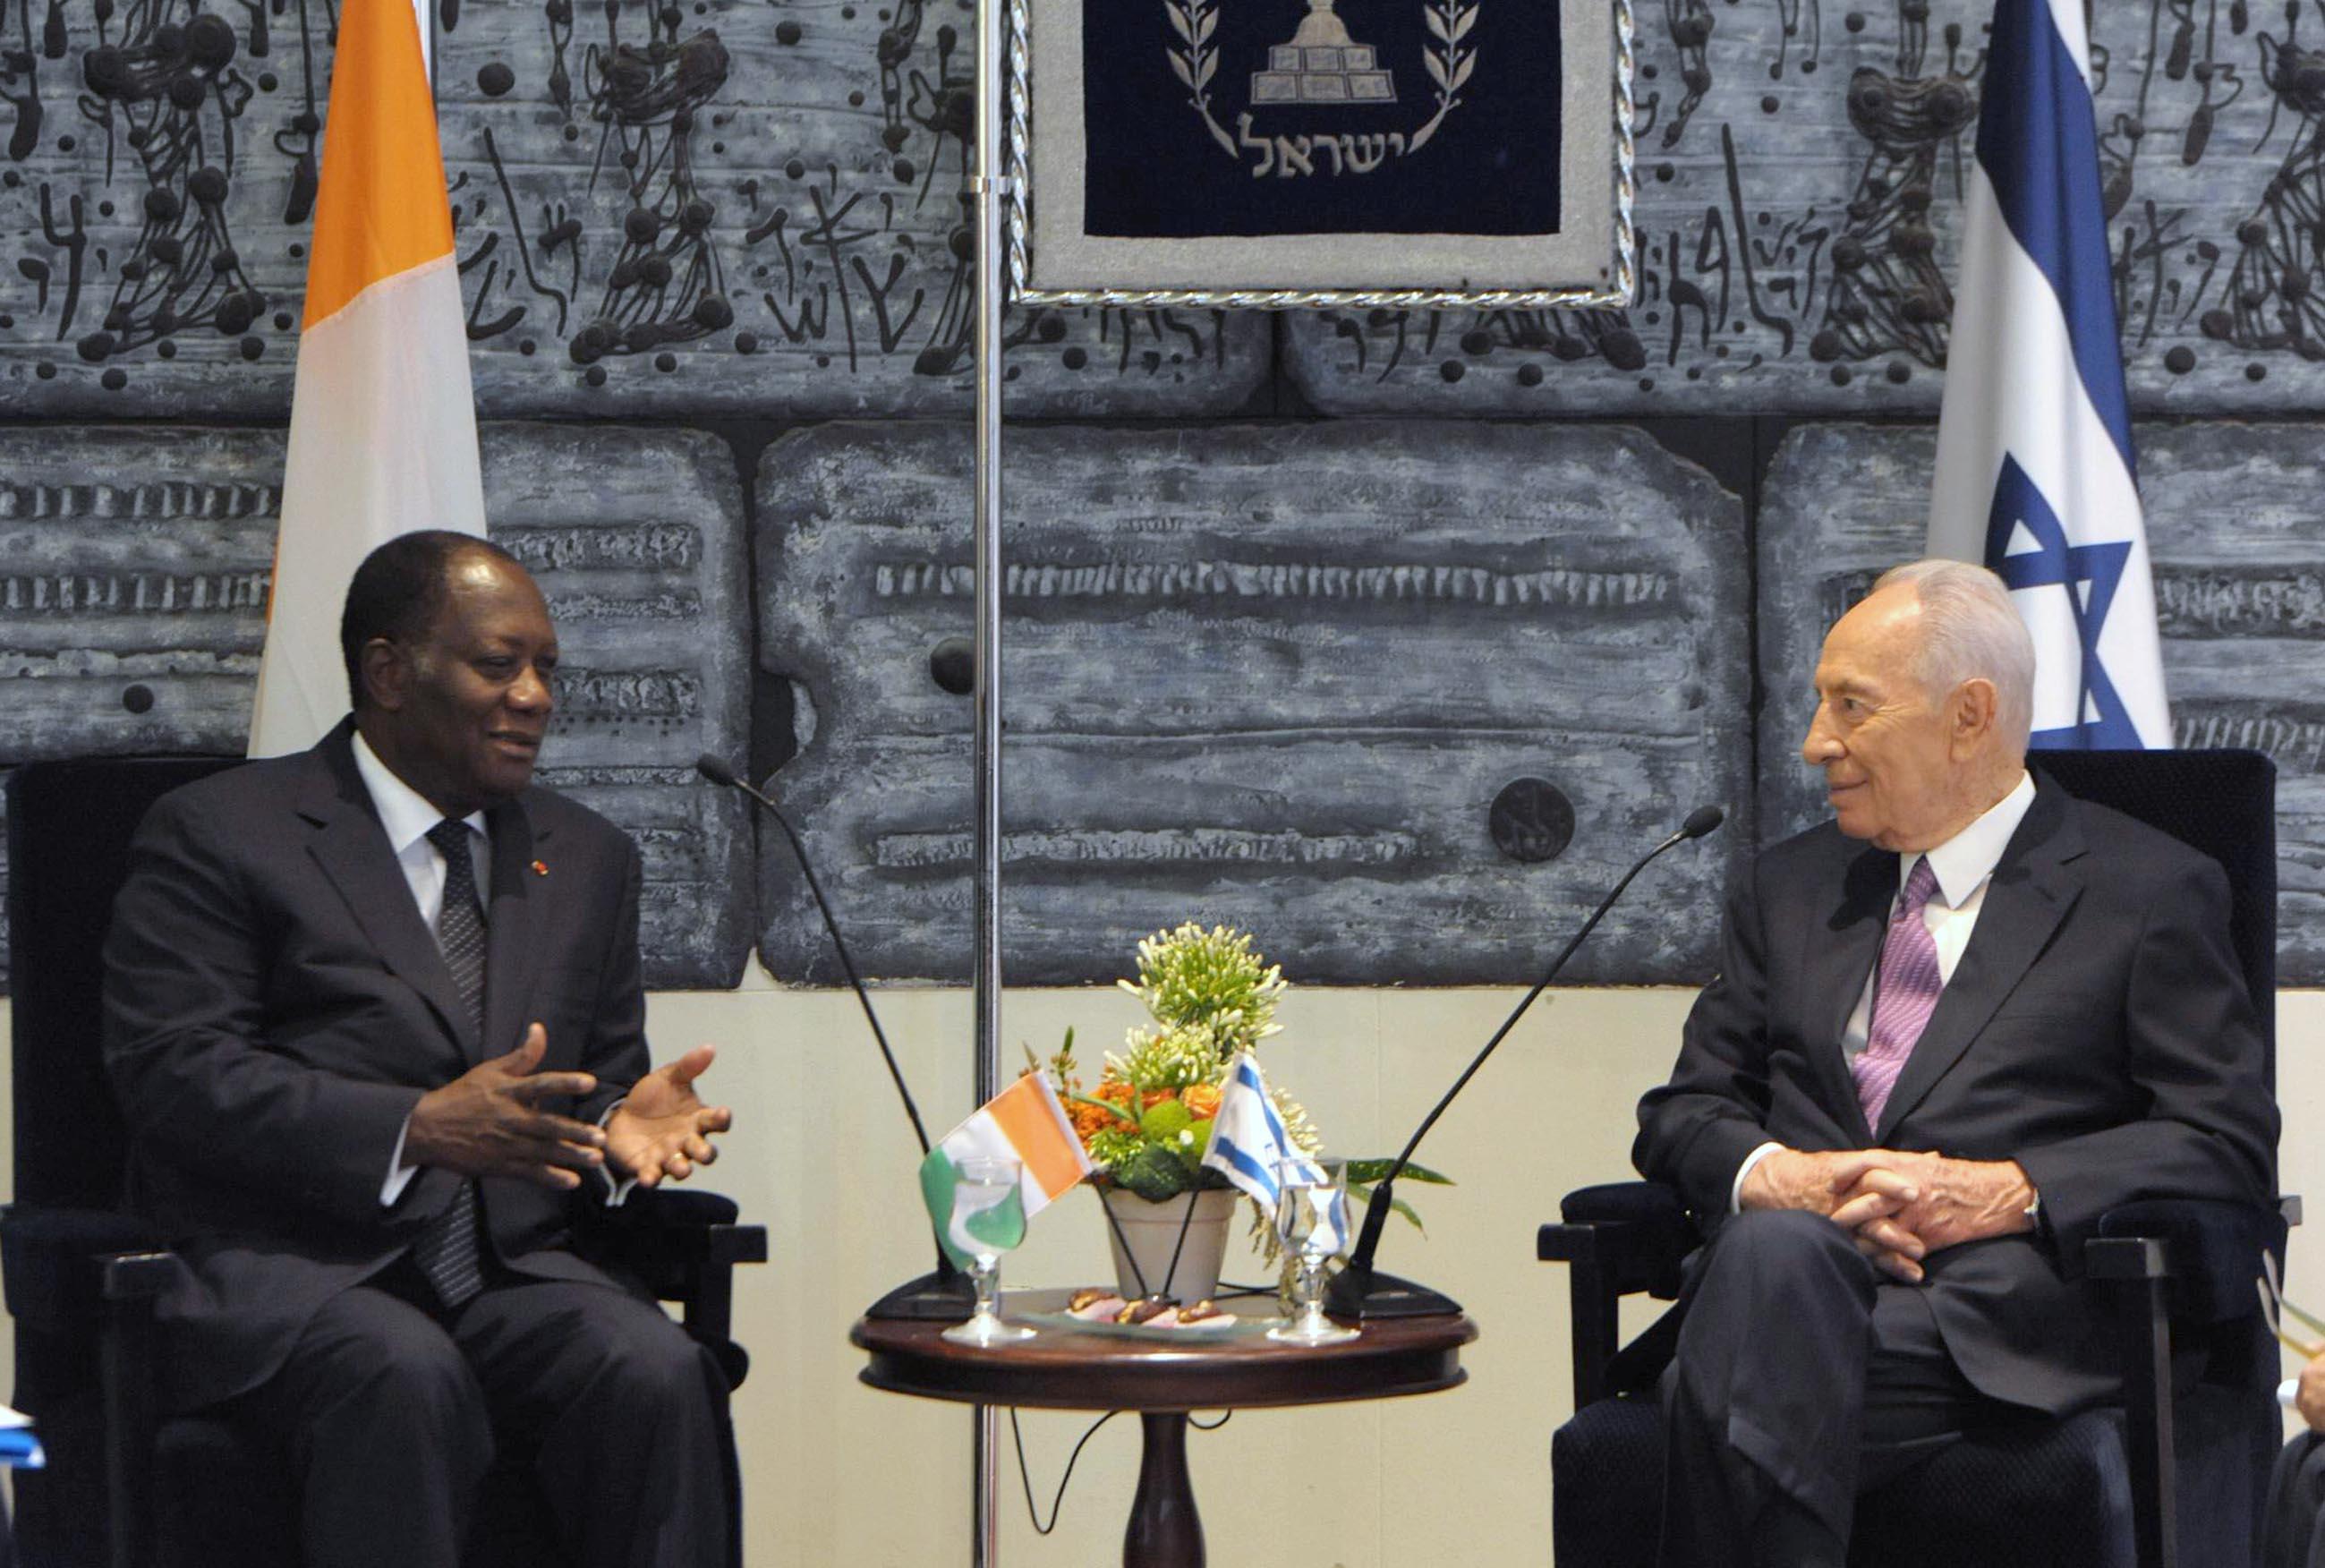 """הנשיא פרס לנשיא חוף השנהב: """"יחסים מיוחדים במינם"""". (תצלום: משה מילנר/לע""""מ)"""